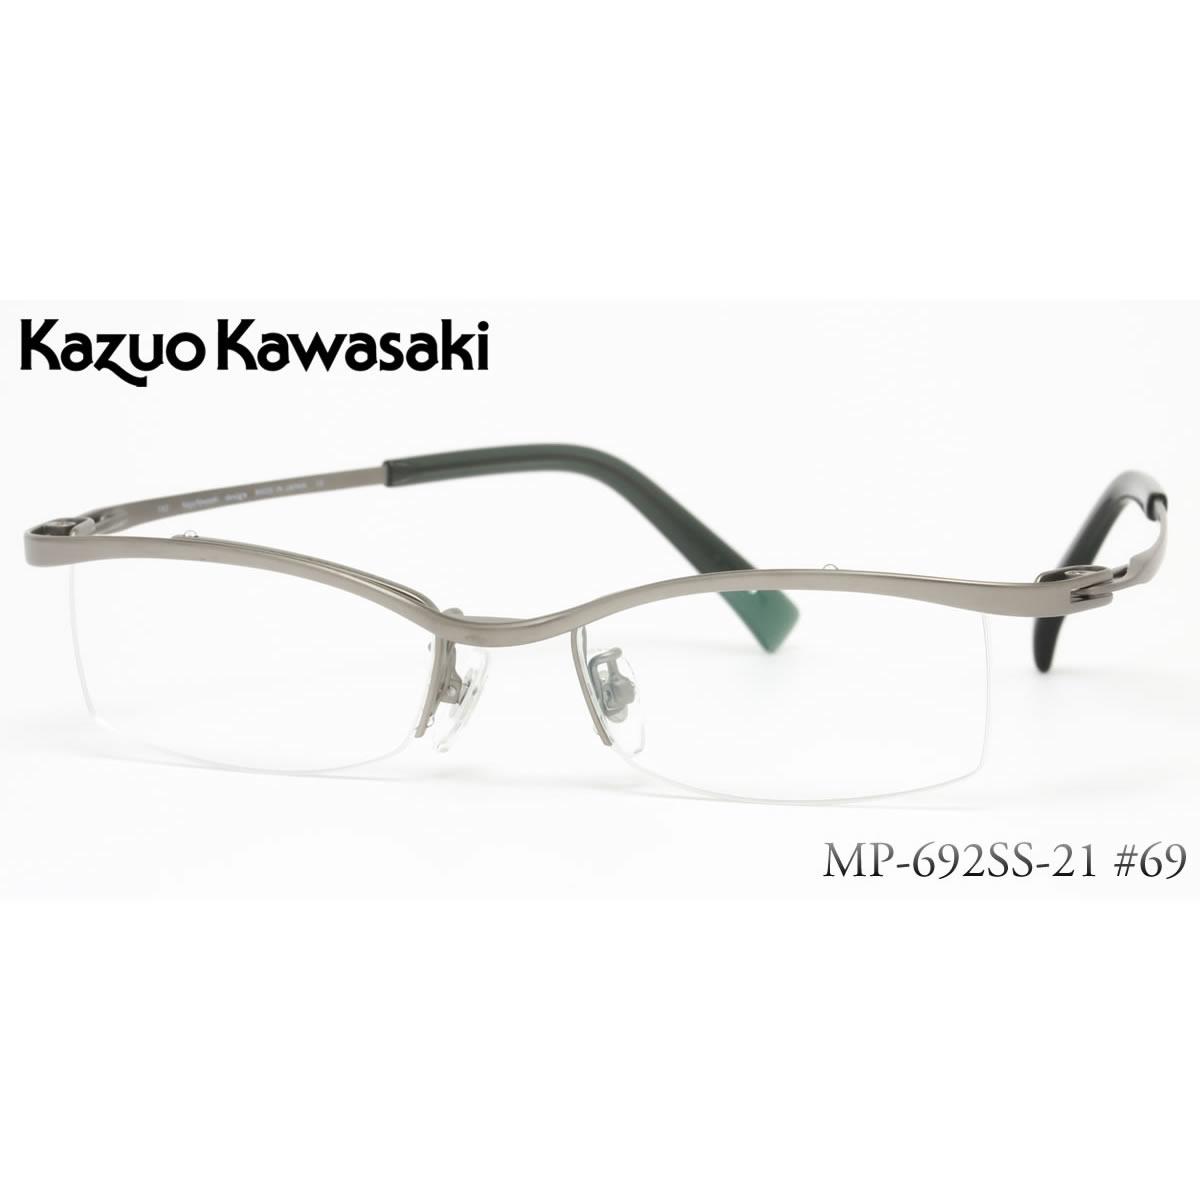 ほぼ全品ポイント15倍~最大43倍+3倍!お得なクーポンも! 【14時までのご注文は即日発送】MP692SS-21 69 51サイズ Kazuo Kawasaki(カズオカワサキ)メガネ メンズ レディース【あす楽対応】